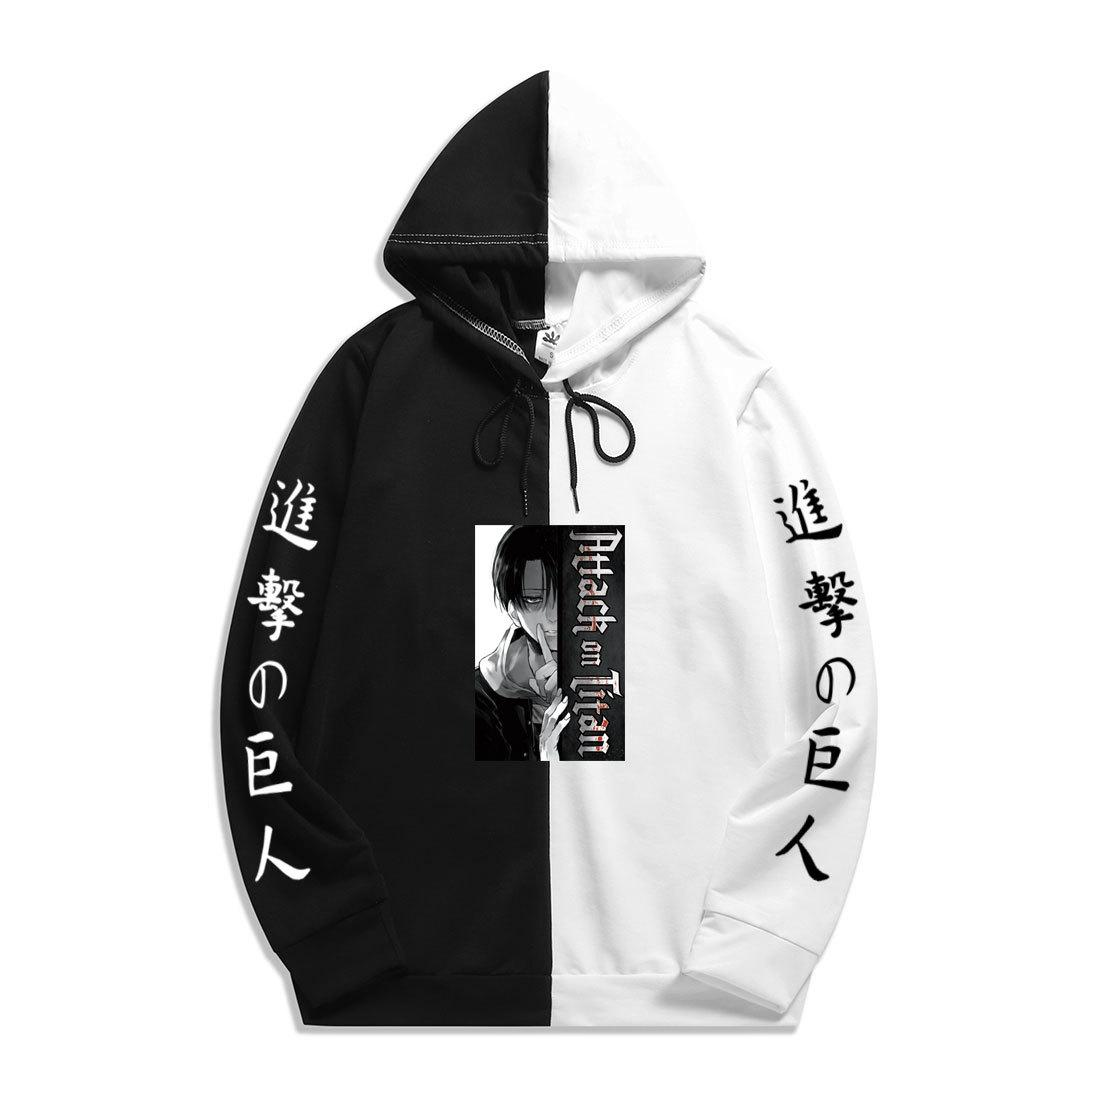 2021 Yeni Levi Ackerman Grafik Baskı Titan Hoodie Saldırısı Sharingan Olor Hoodies Kazak Sweatshirt Harajuku İnce Giyim Vzxu